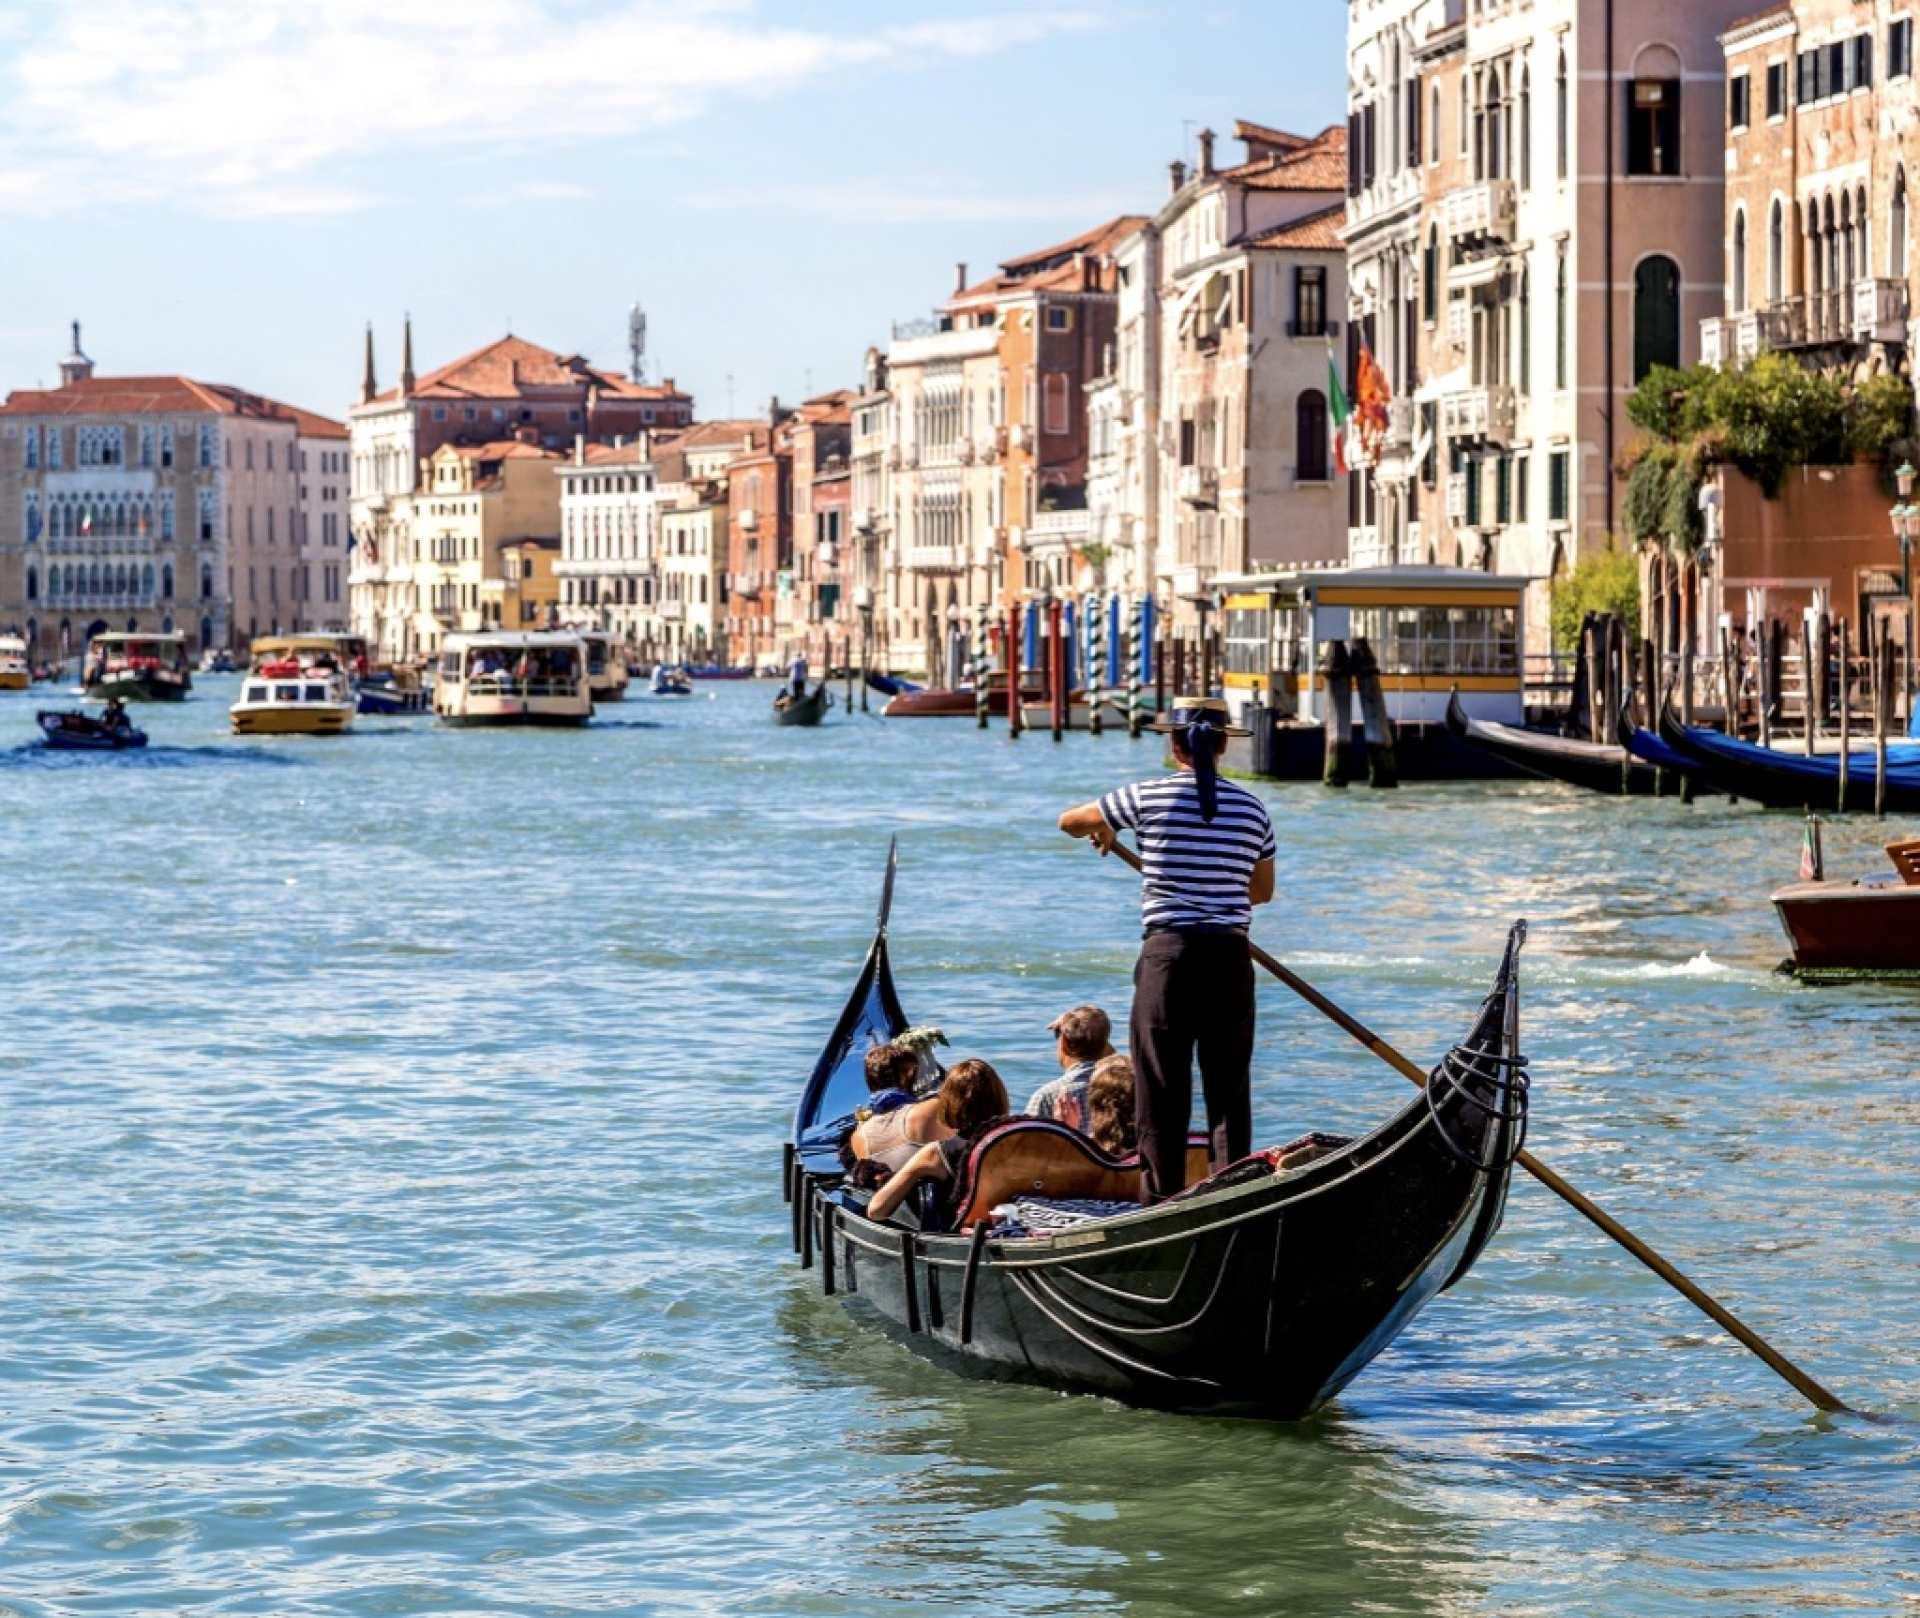 【世界遺産・水の都】ヴェネツィア:ゴンドラの旅